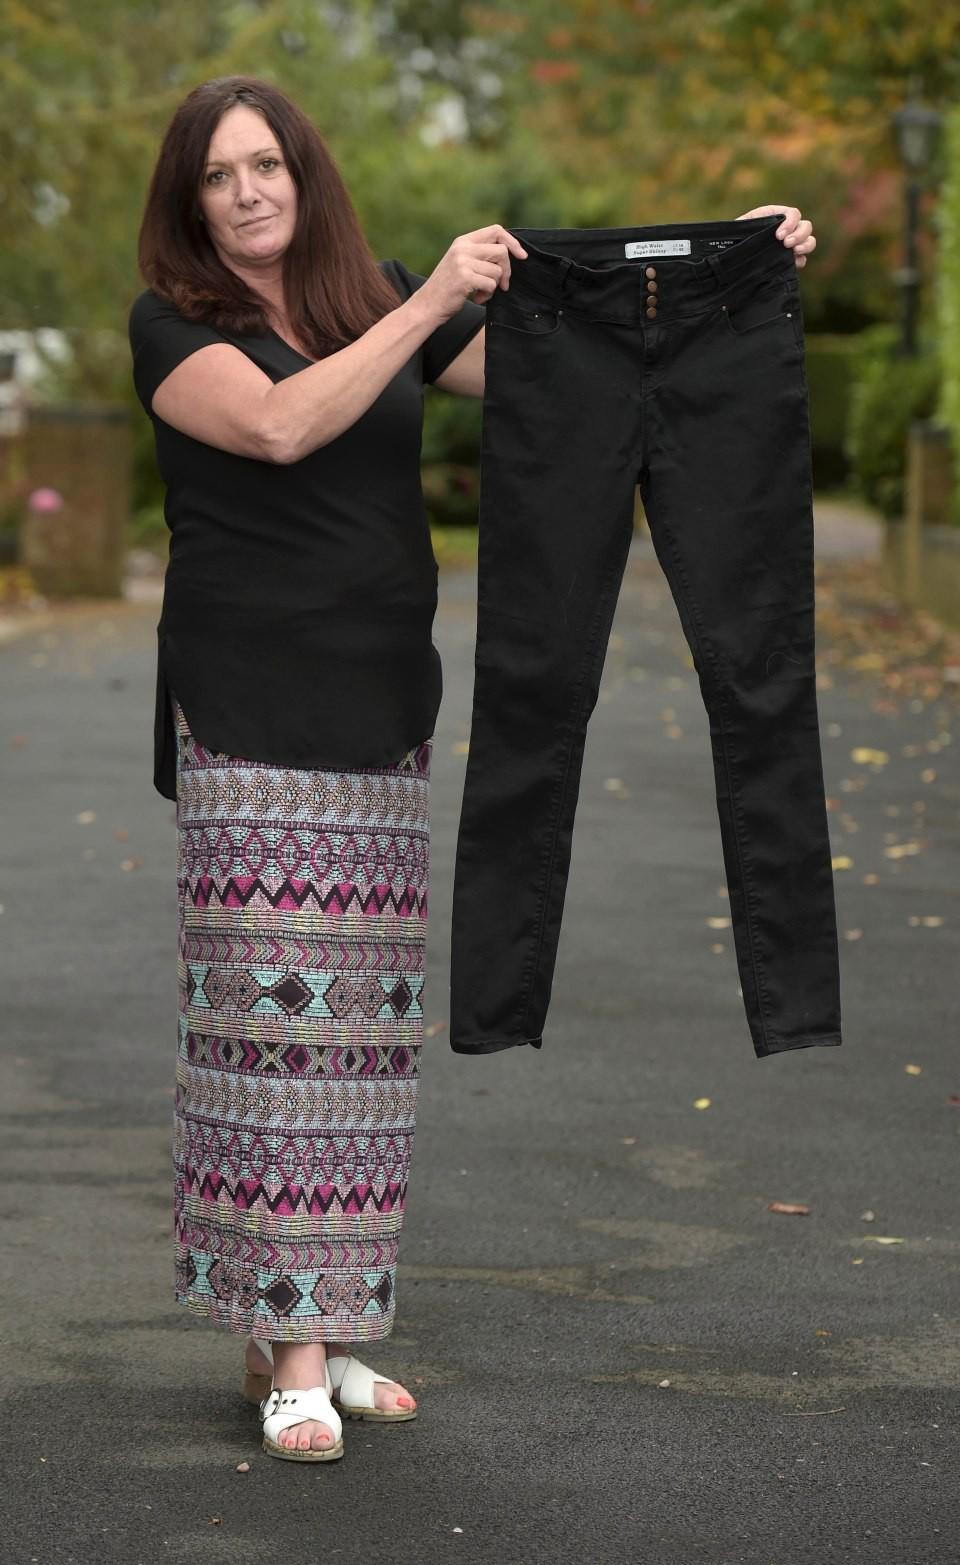 Người phụ nữ suýt phải cưa chân vì cố tình mặc quần jeans quá chật - Ảnh 1.